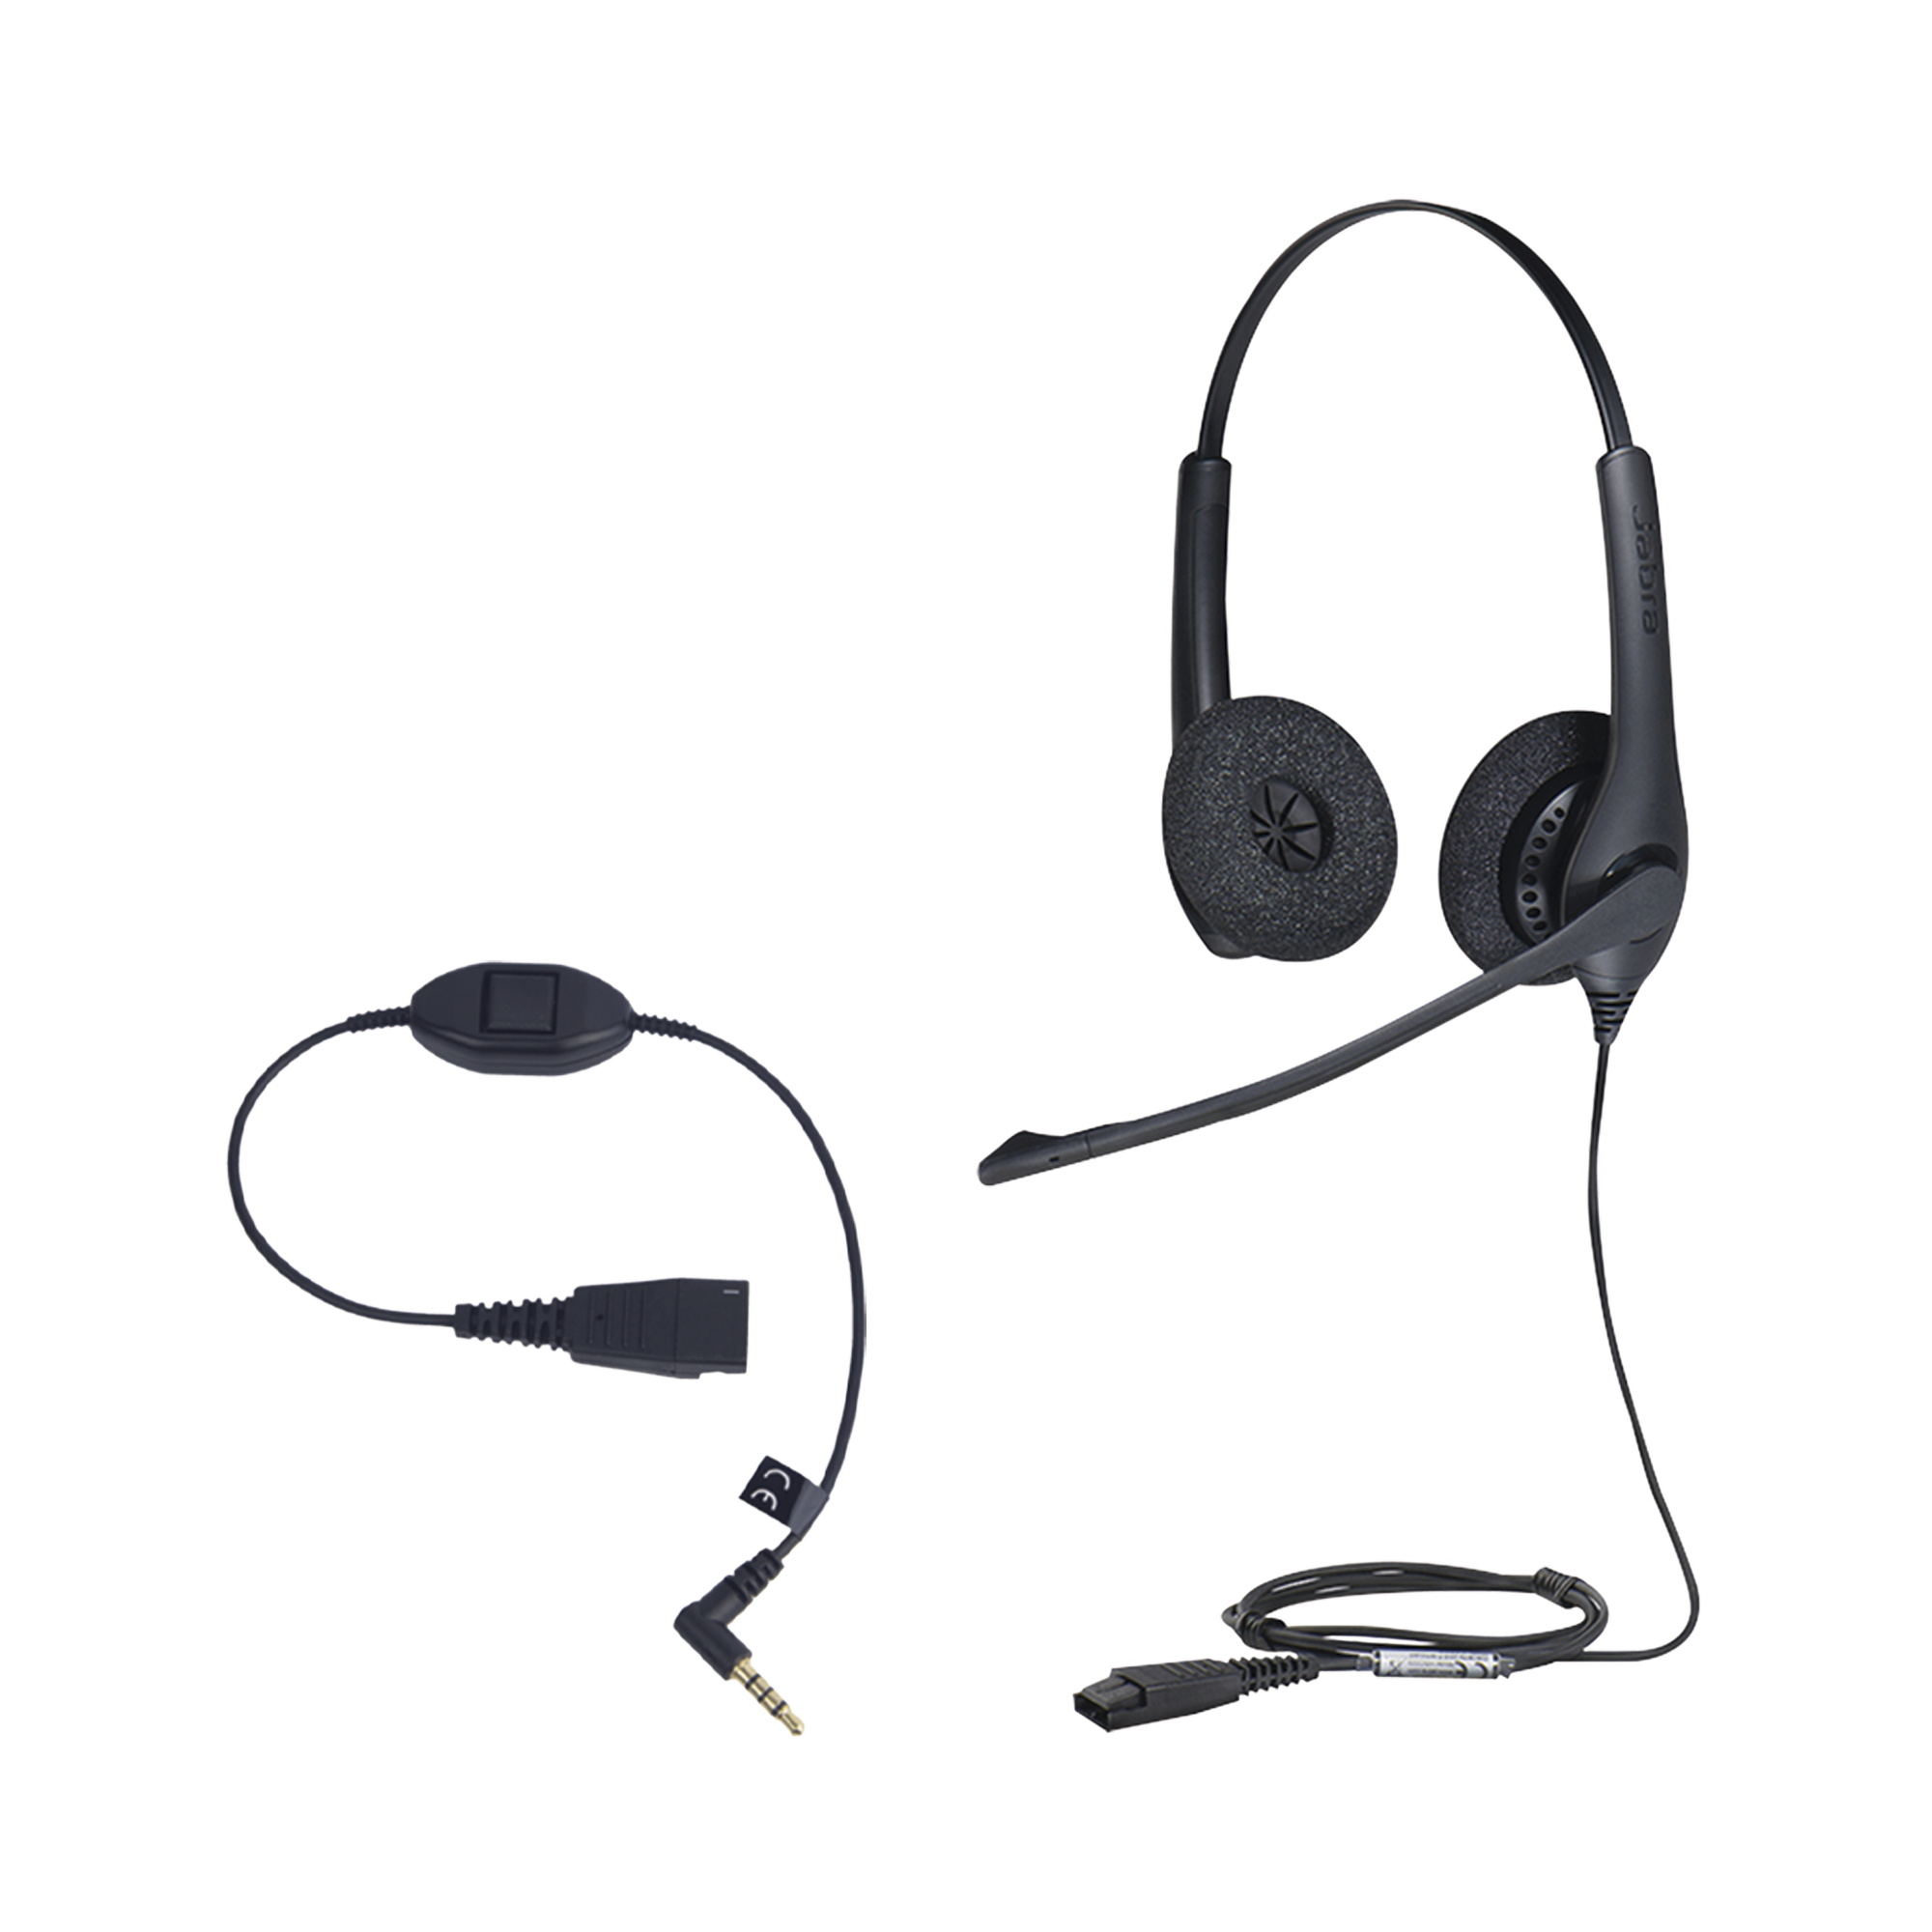 KIT, Diadema con cancelacion de ruido, con accesorio para conexiones 3.5mm Incluye modelos BIZ-1500-DUO-QD y MOBILE-QD-35MM-S?